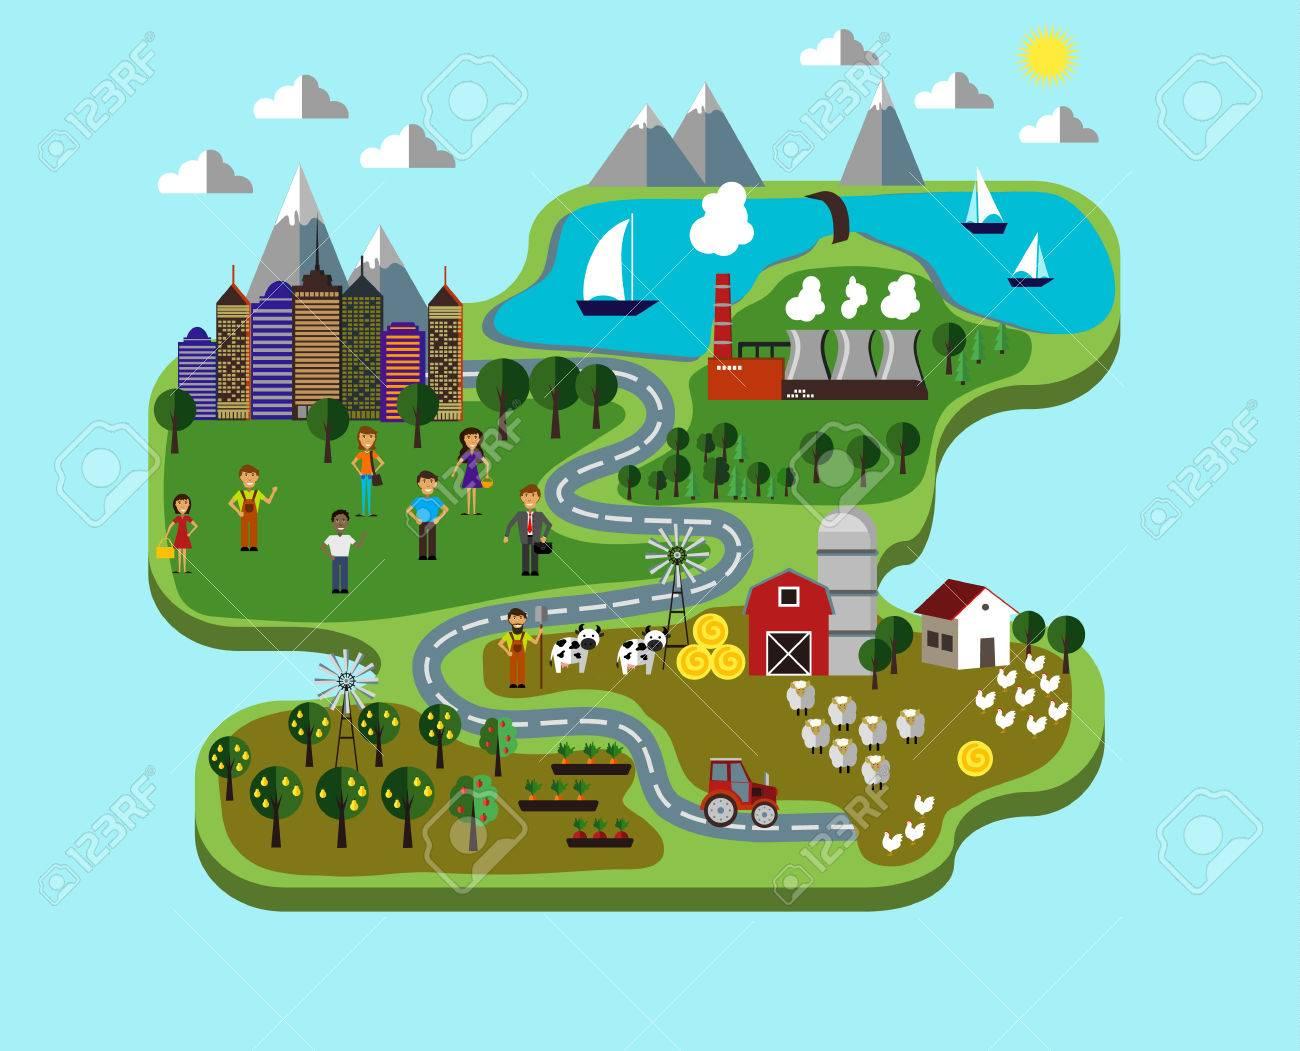 Cuidado De La Naturaleza Infografía Con La Ciudad De Granja Y Planta Para Salvar El Medio Ambiente Ilustraciones Vectoriales Clip Art Vectorizado Libre De Derechos Image 66786123